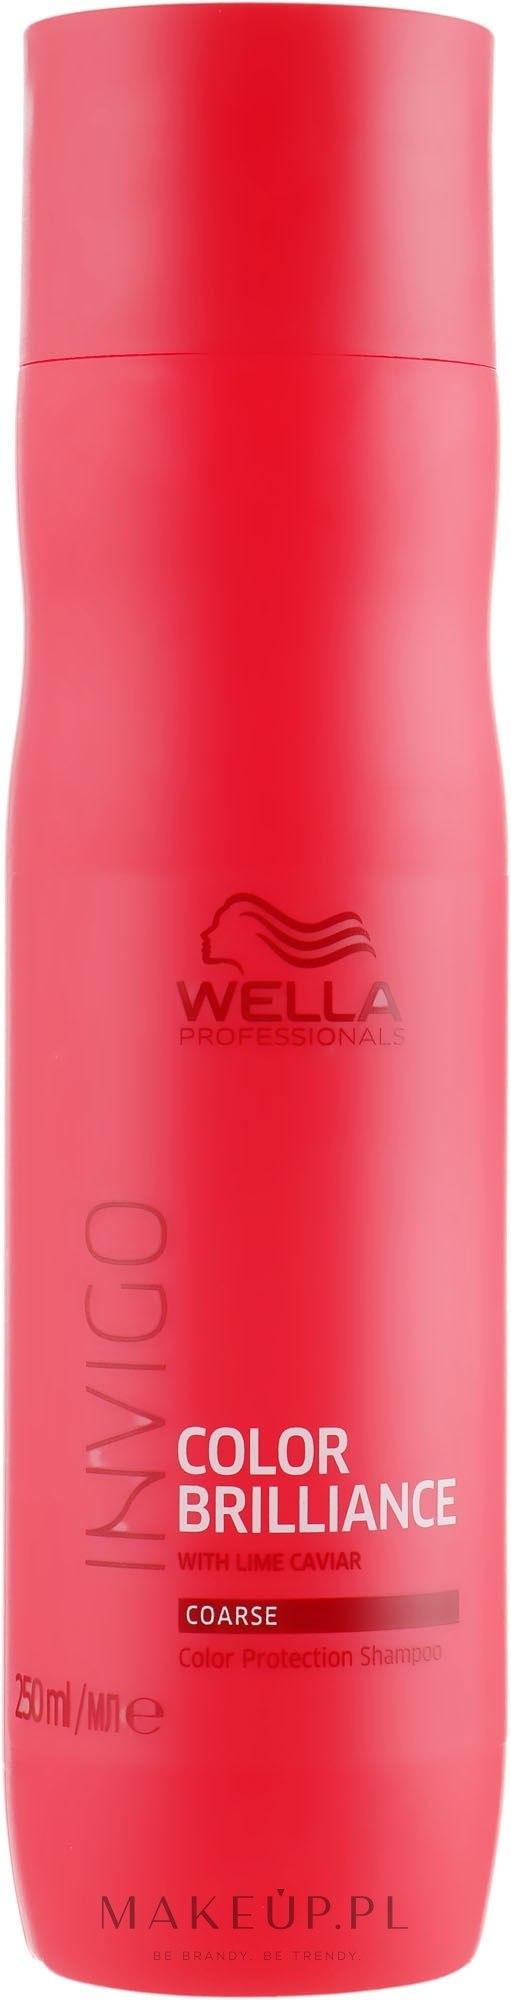 Szampon chroniący kolor farbowanych włosów grubych - Wella Professionals Invigo Color Brilliance Coarse Shampoo  — фото 250 ml